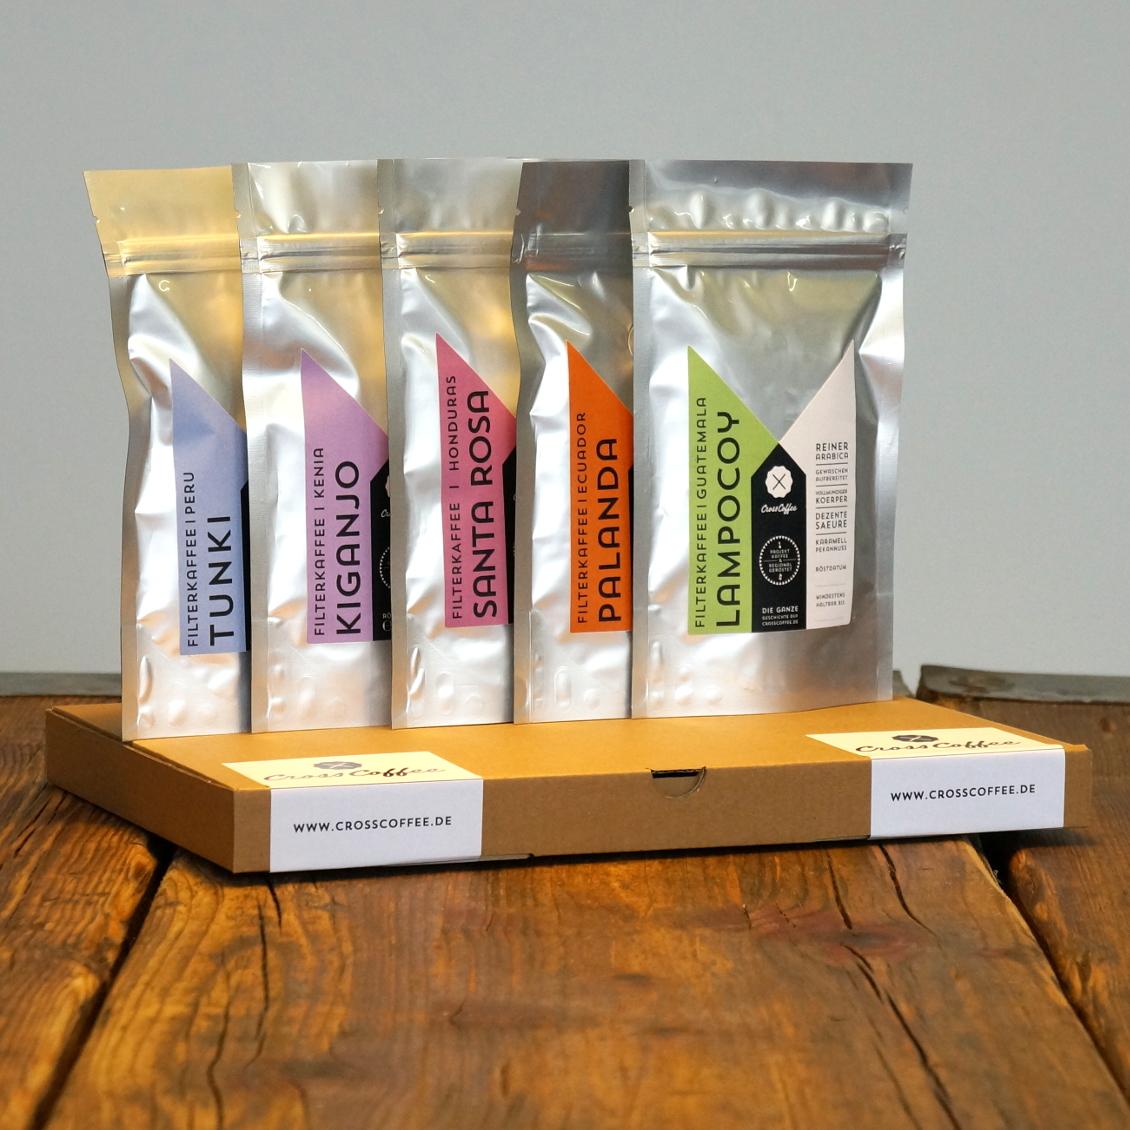 Probierpaket Filterkaffee. Eine Auswahl von 5 Kaffees, geröstet von der Kaffeerösterei Cross Coffee in Bremen